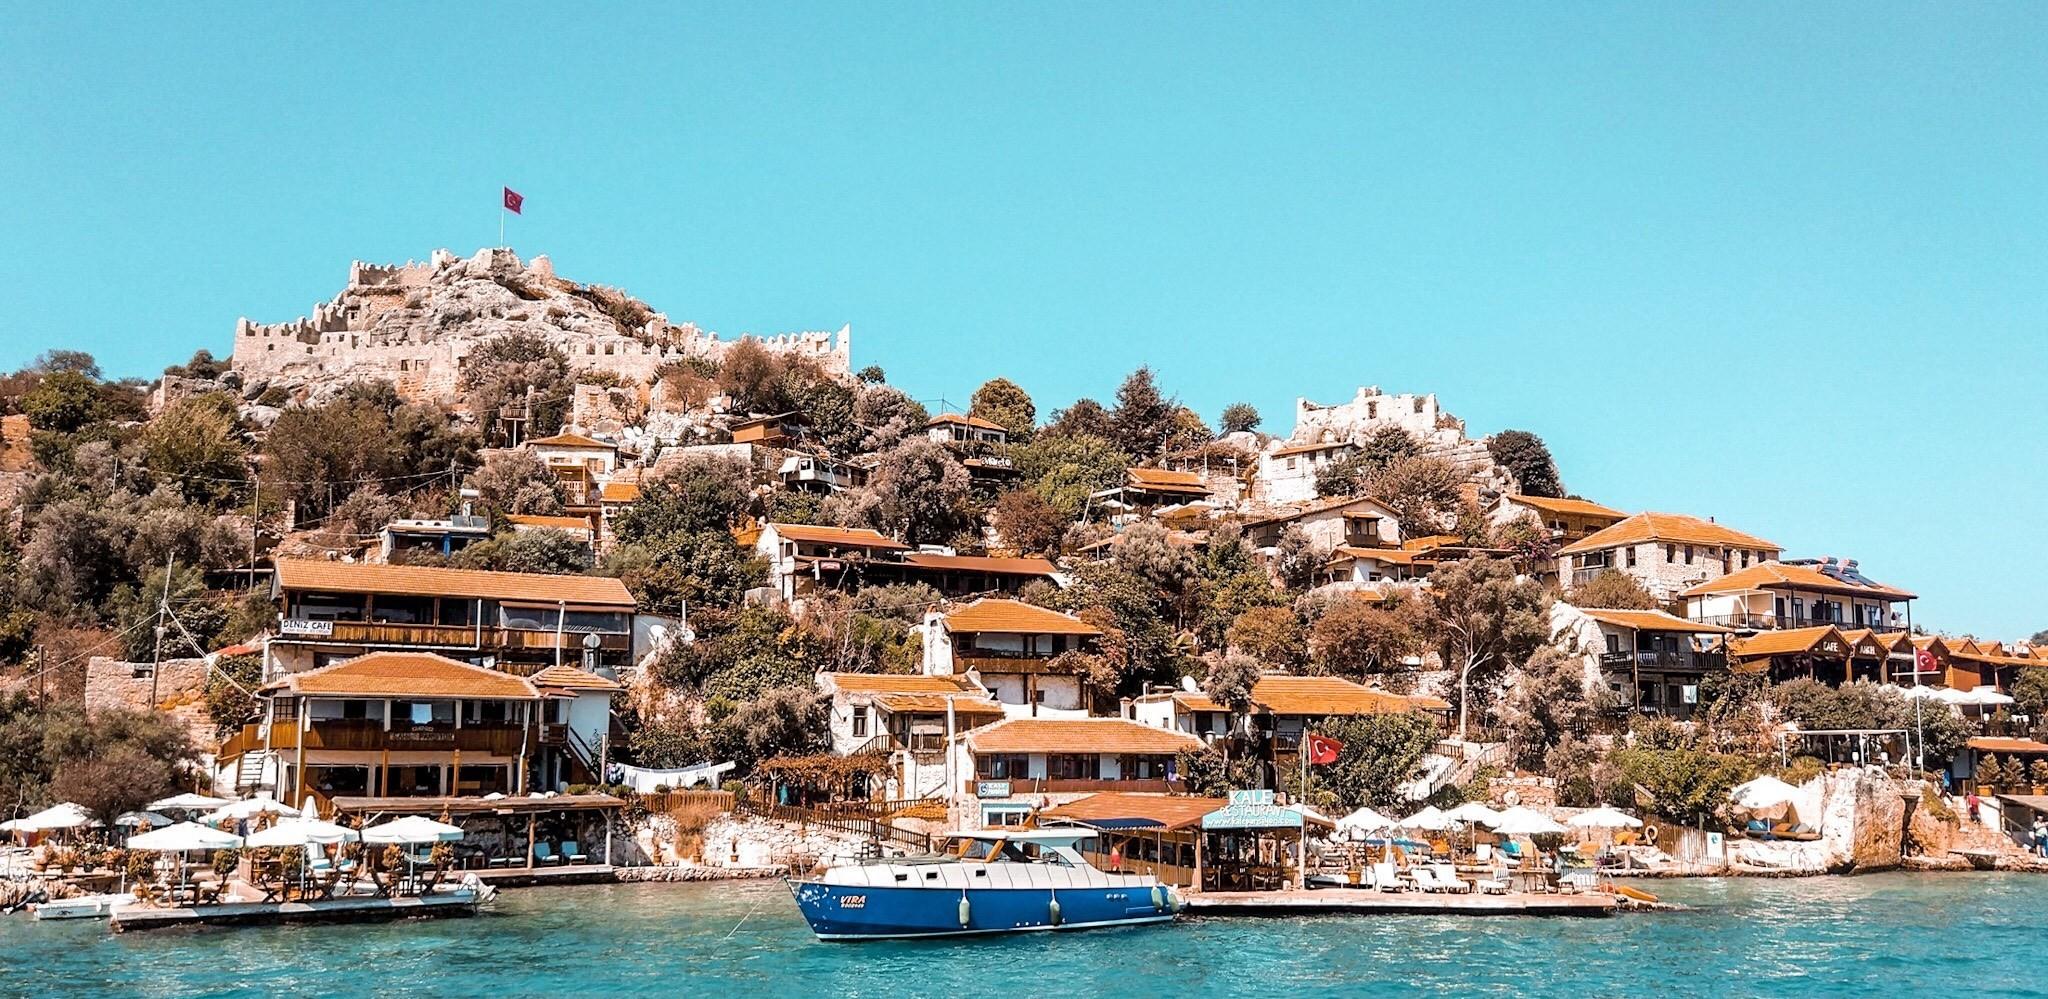 Antalya'da Mutlaka Görmeniz Gereken Gizli Kalmış 7 Yer